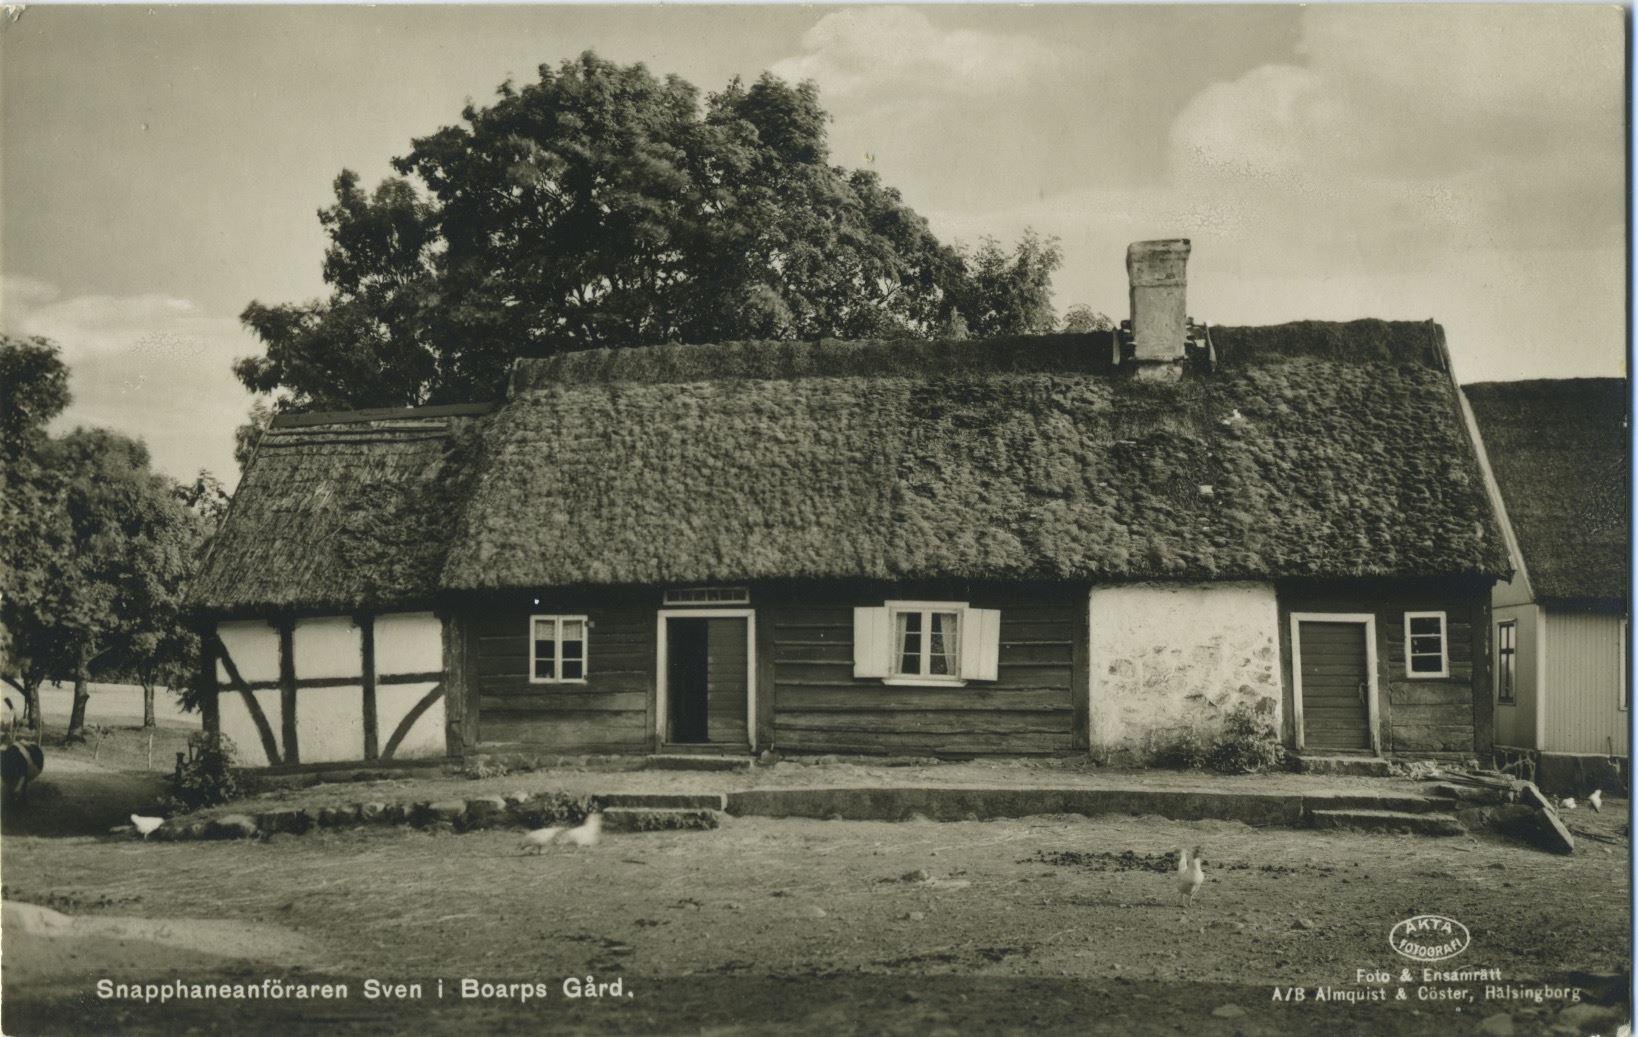 Lokalhistorisk måndag - Brott och straff i Ängelholm